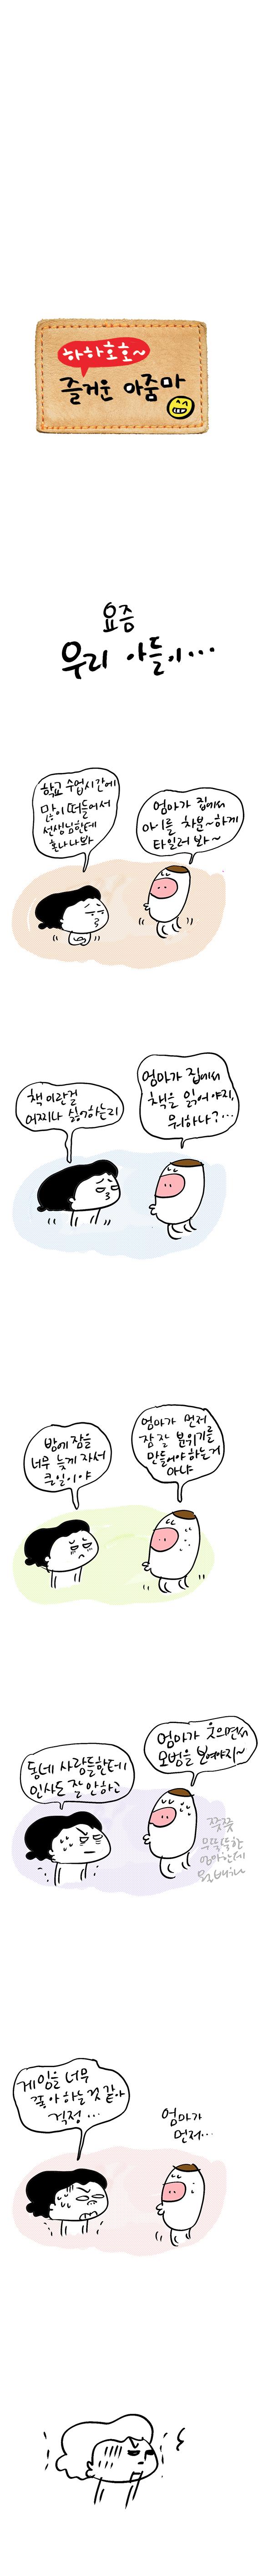 육아카툰웹툰엄마가알아서1.jpg